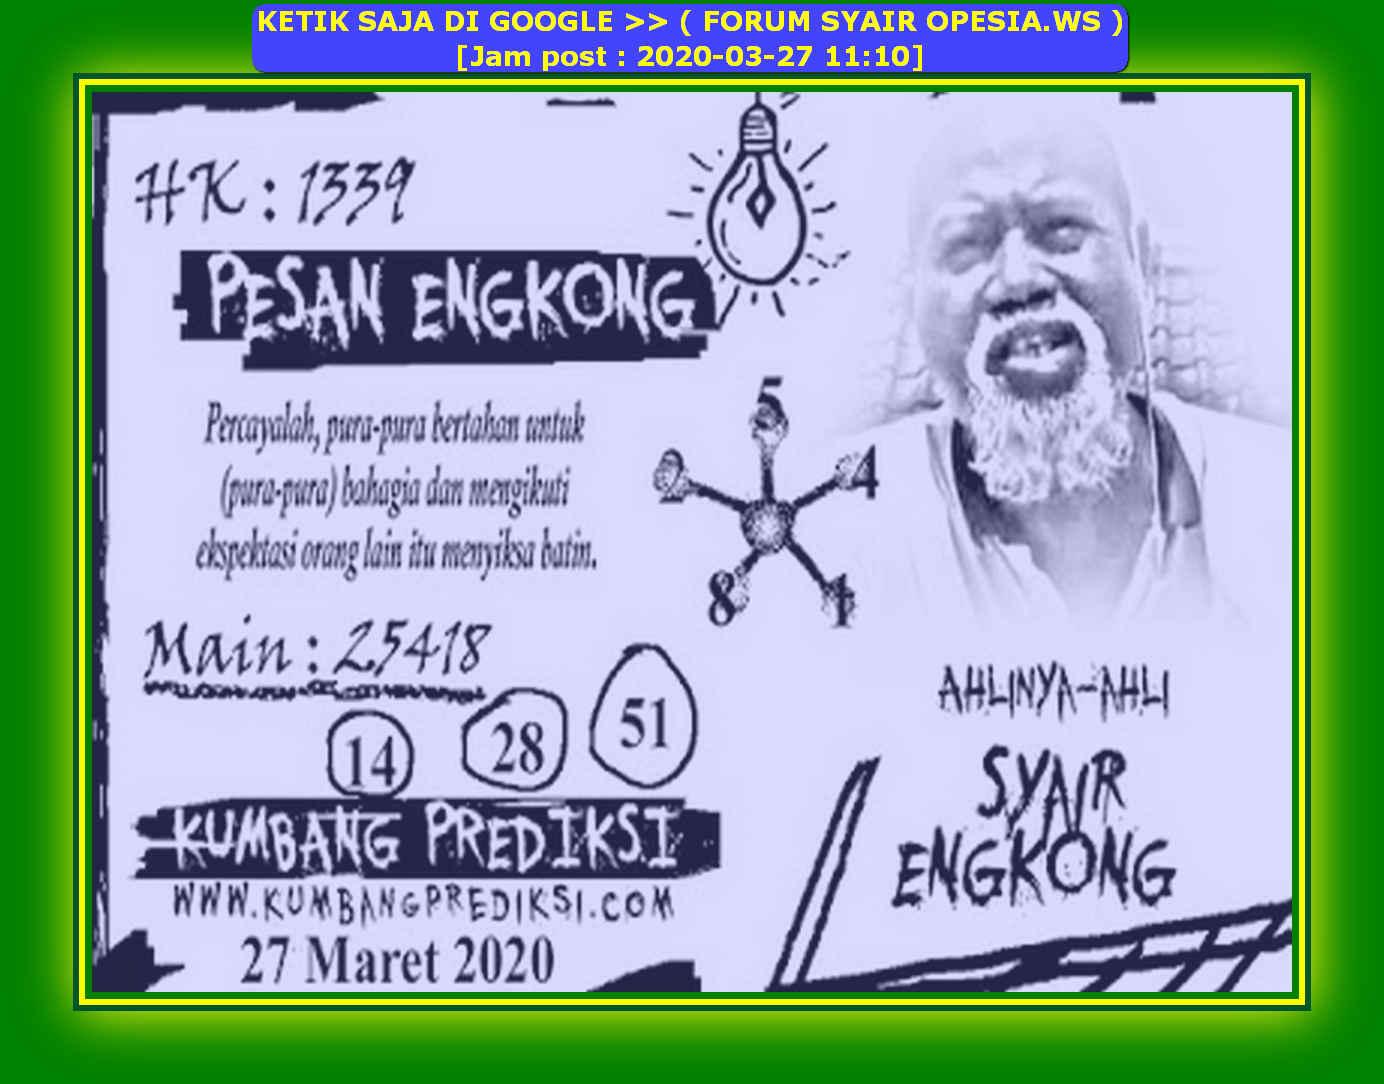 Kode syair Hongkong Jumat 27 Maret 2020 132